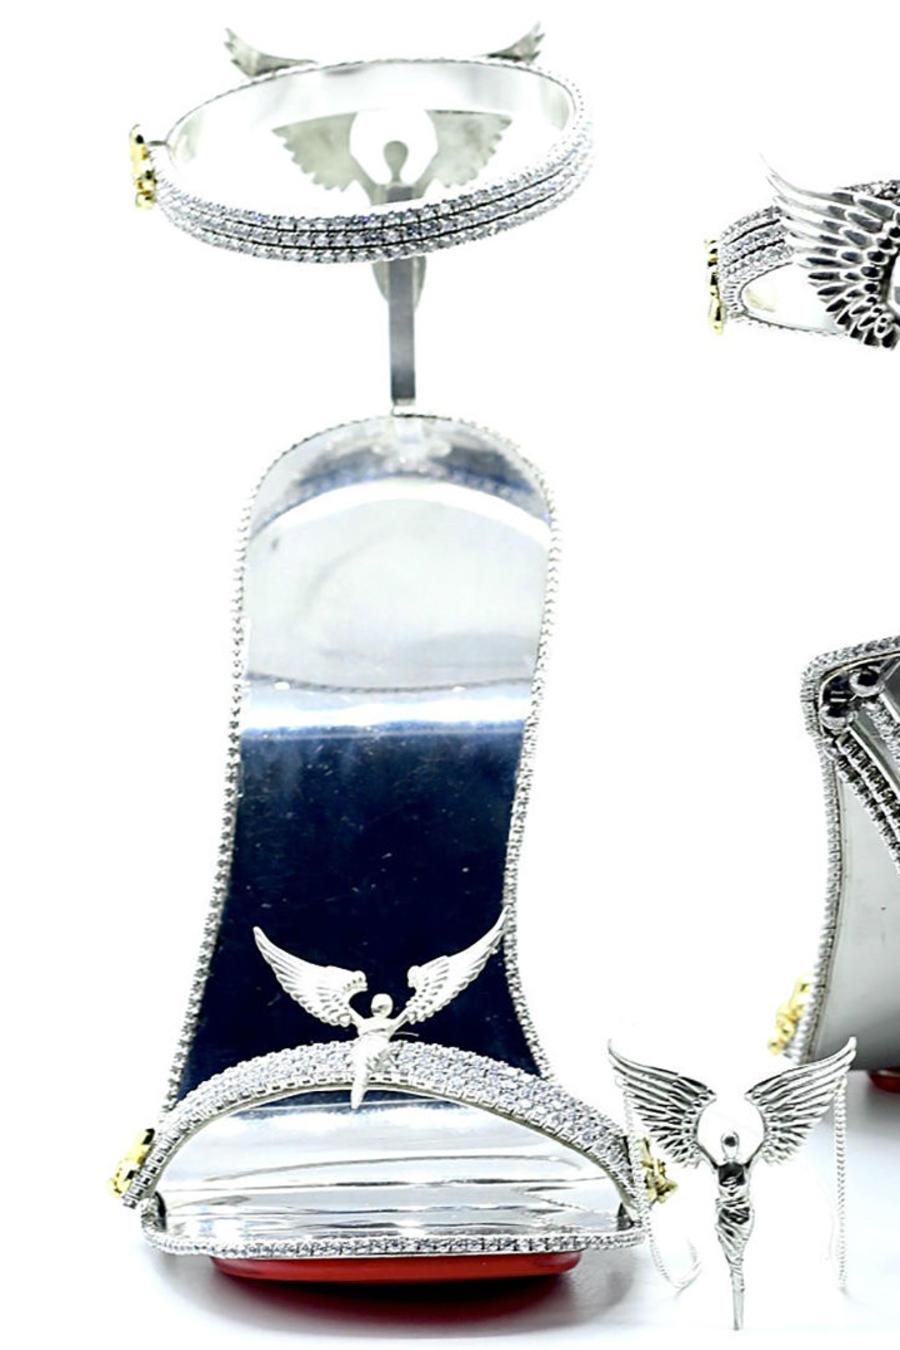 Zapatillas de oro y diamantes